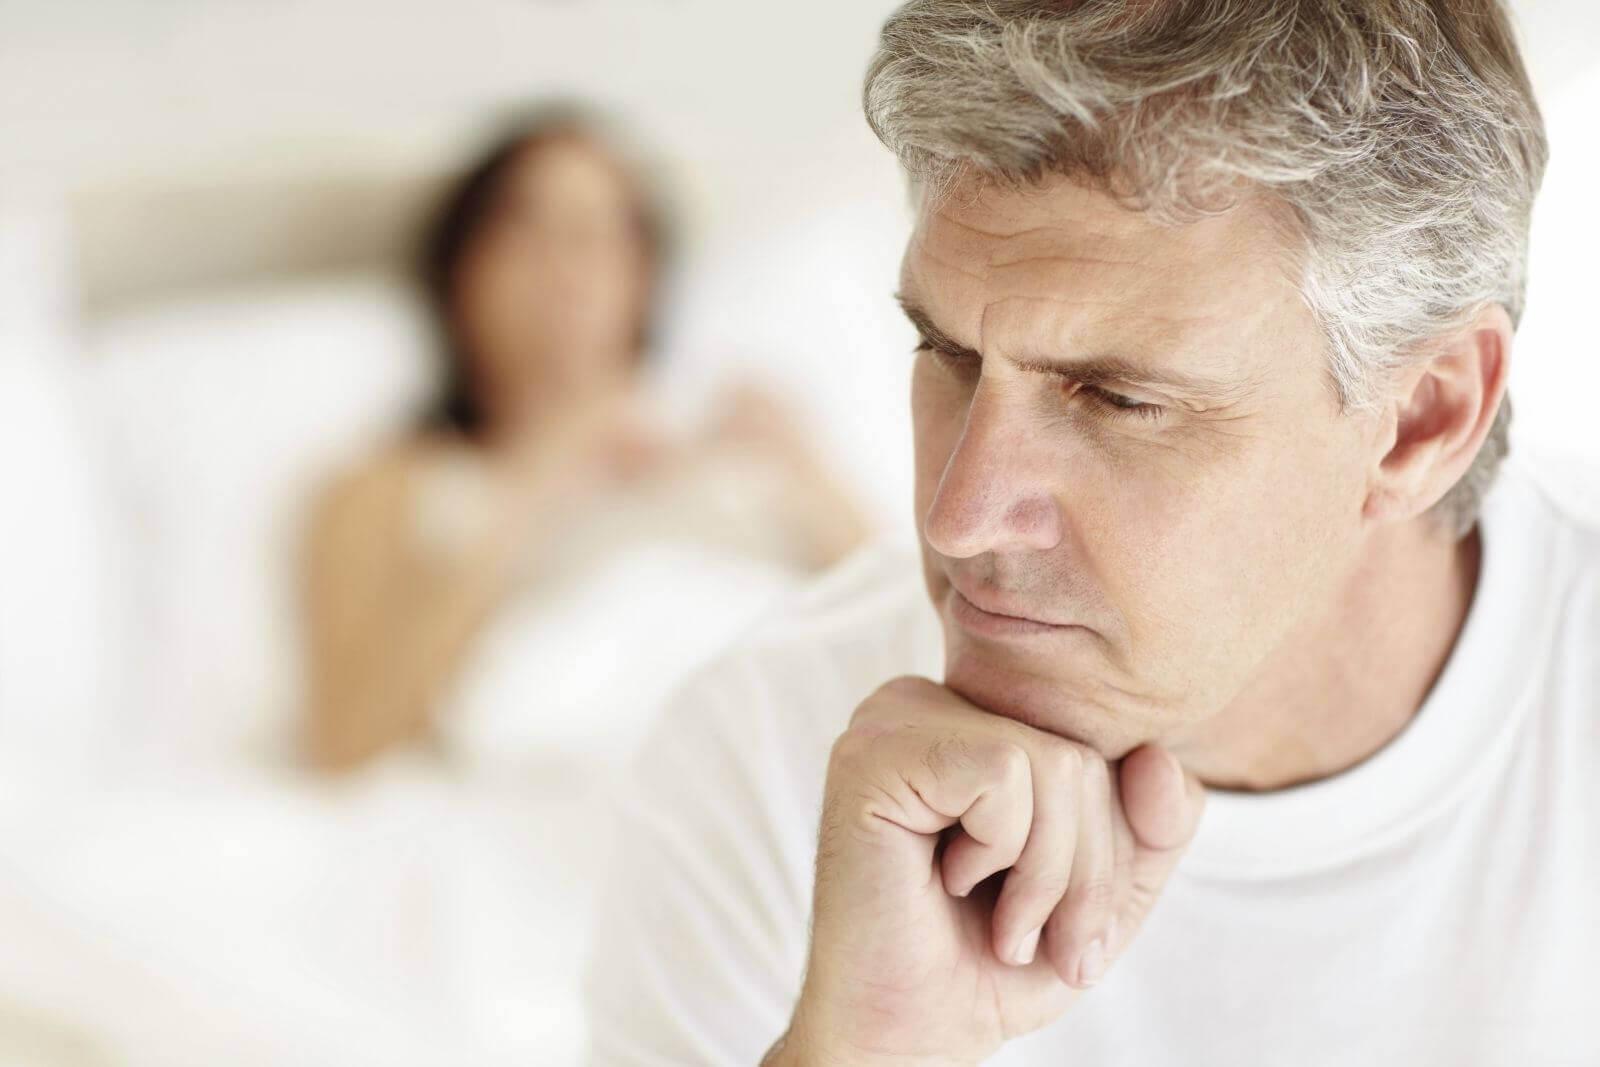 Опухоль предстательной железы: лечение, симптомы, прогноз